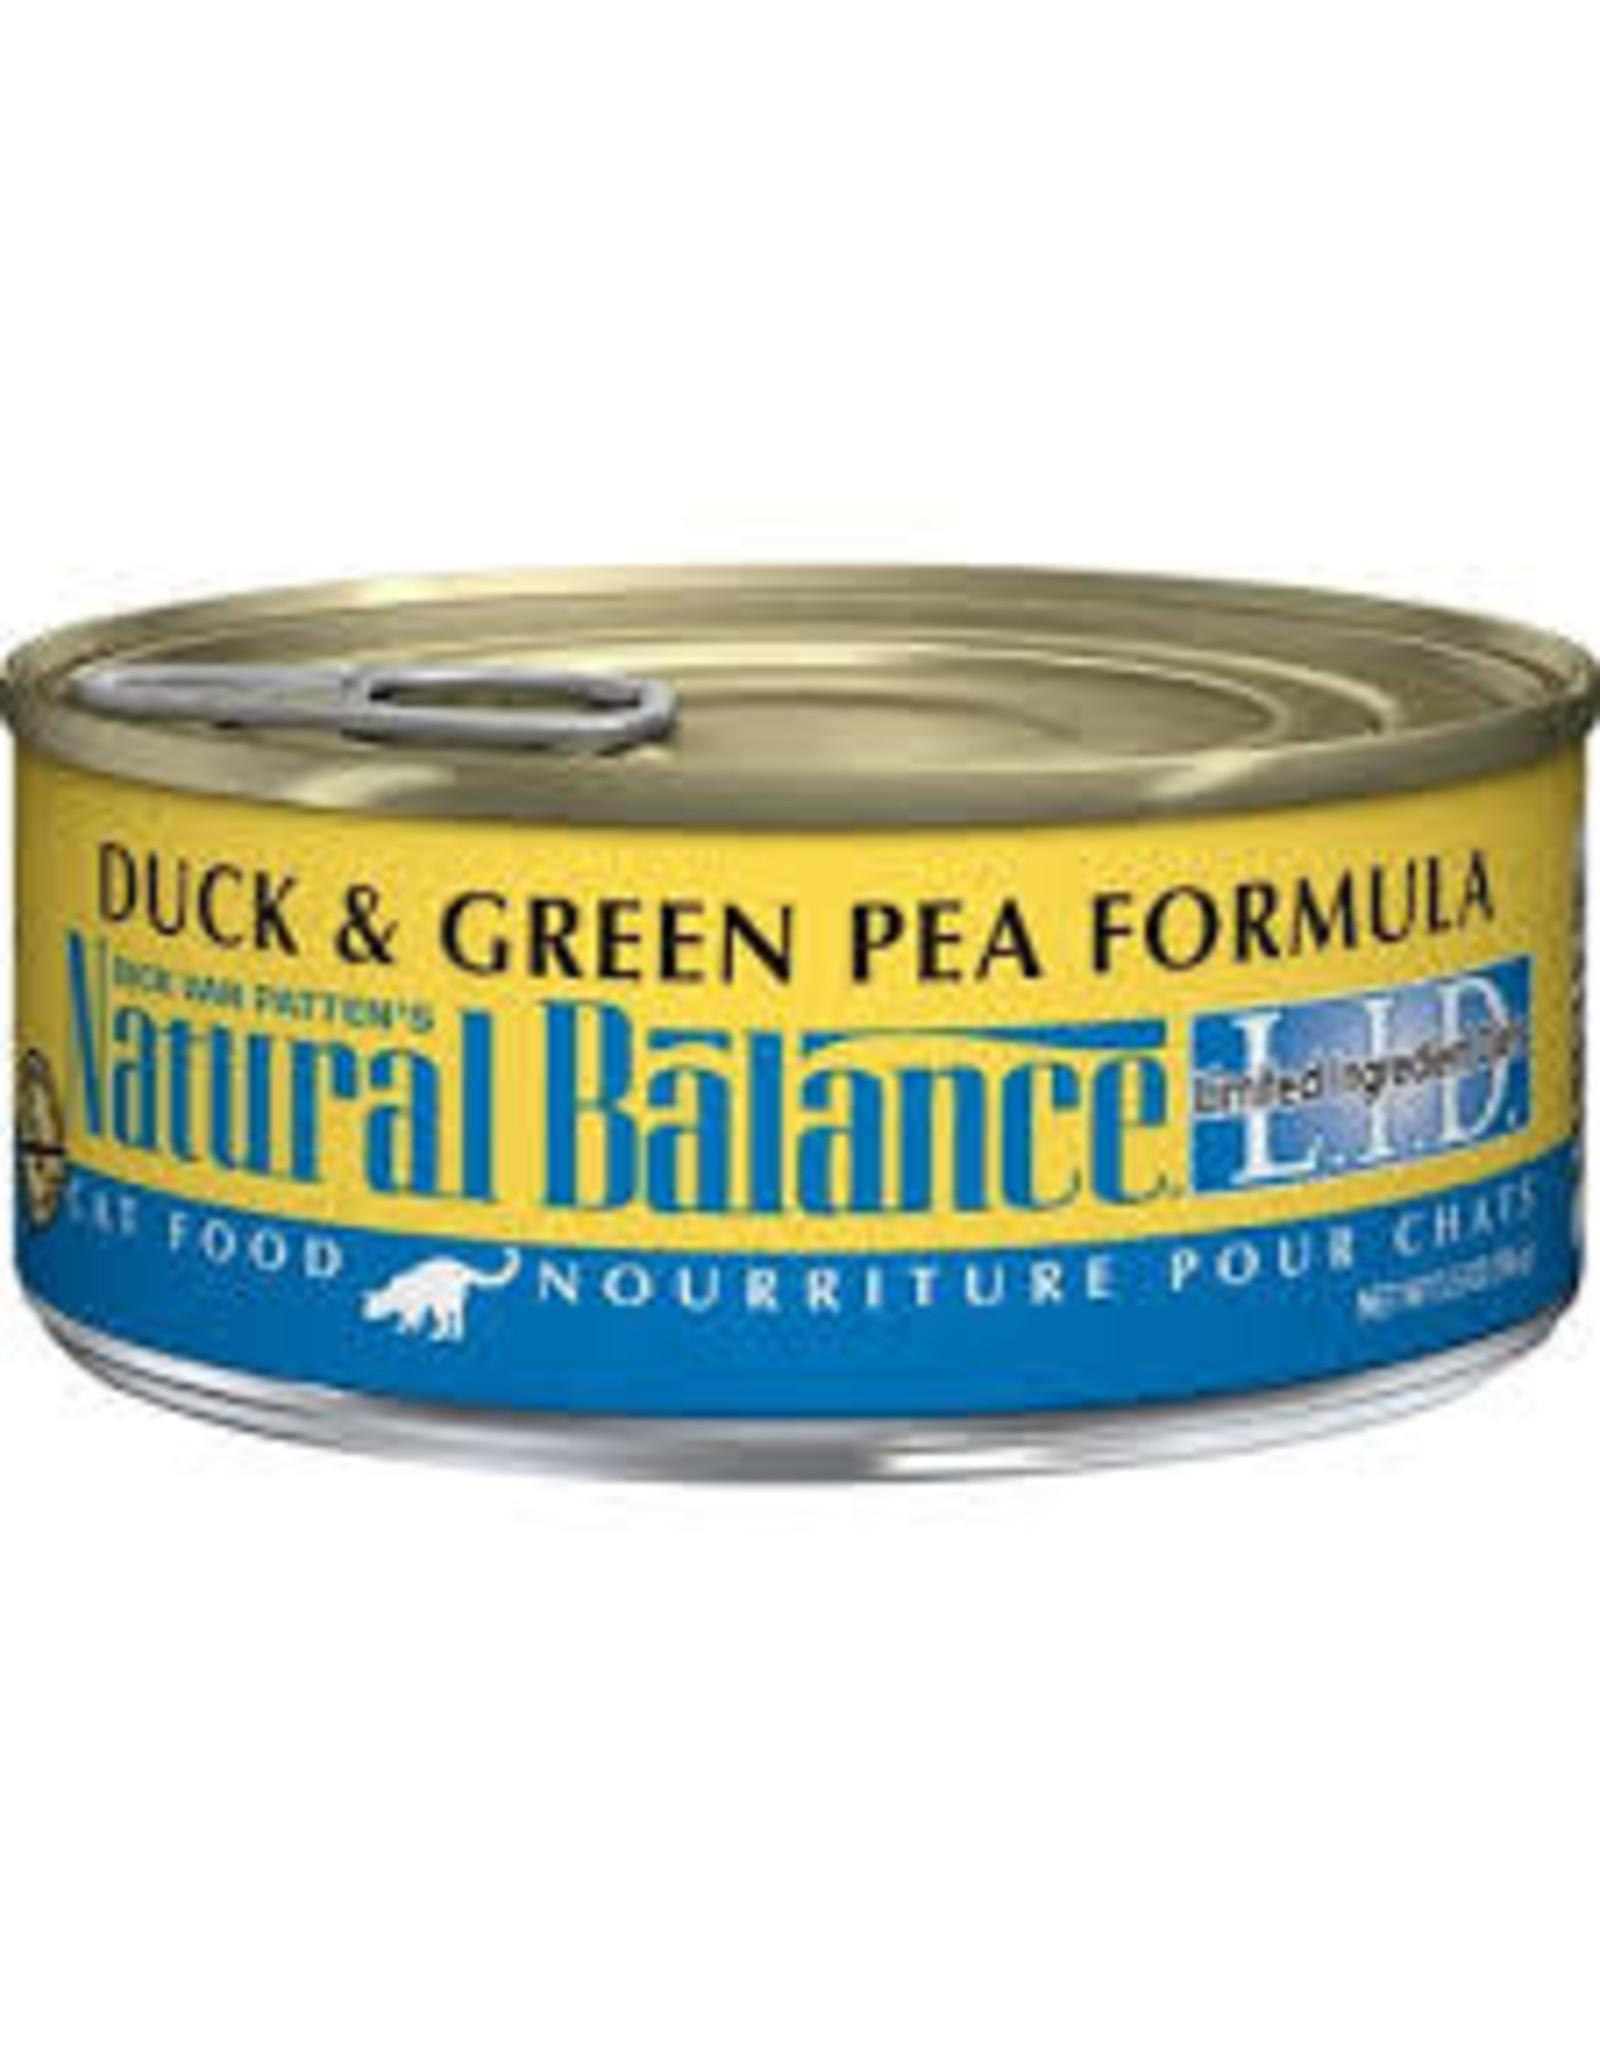 Natural Balance Natural Balance - Duck & Green Pea 5.5oz